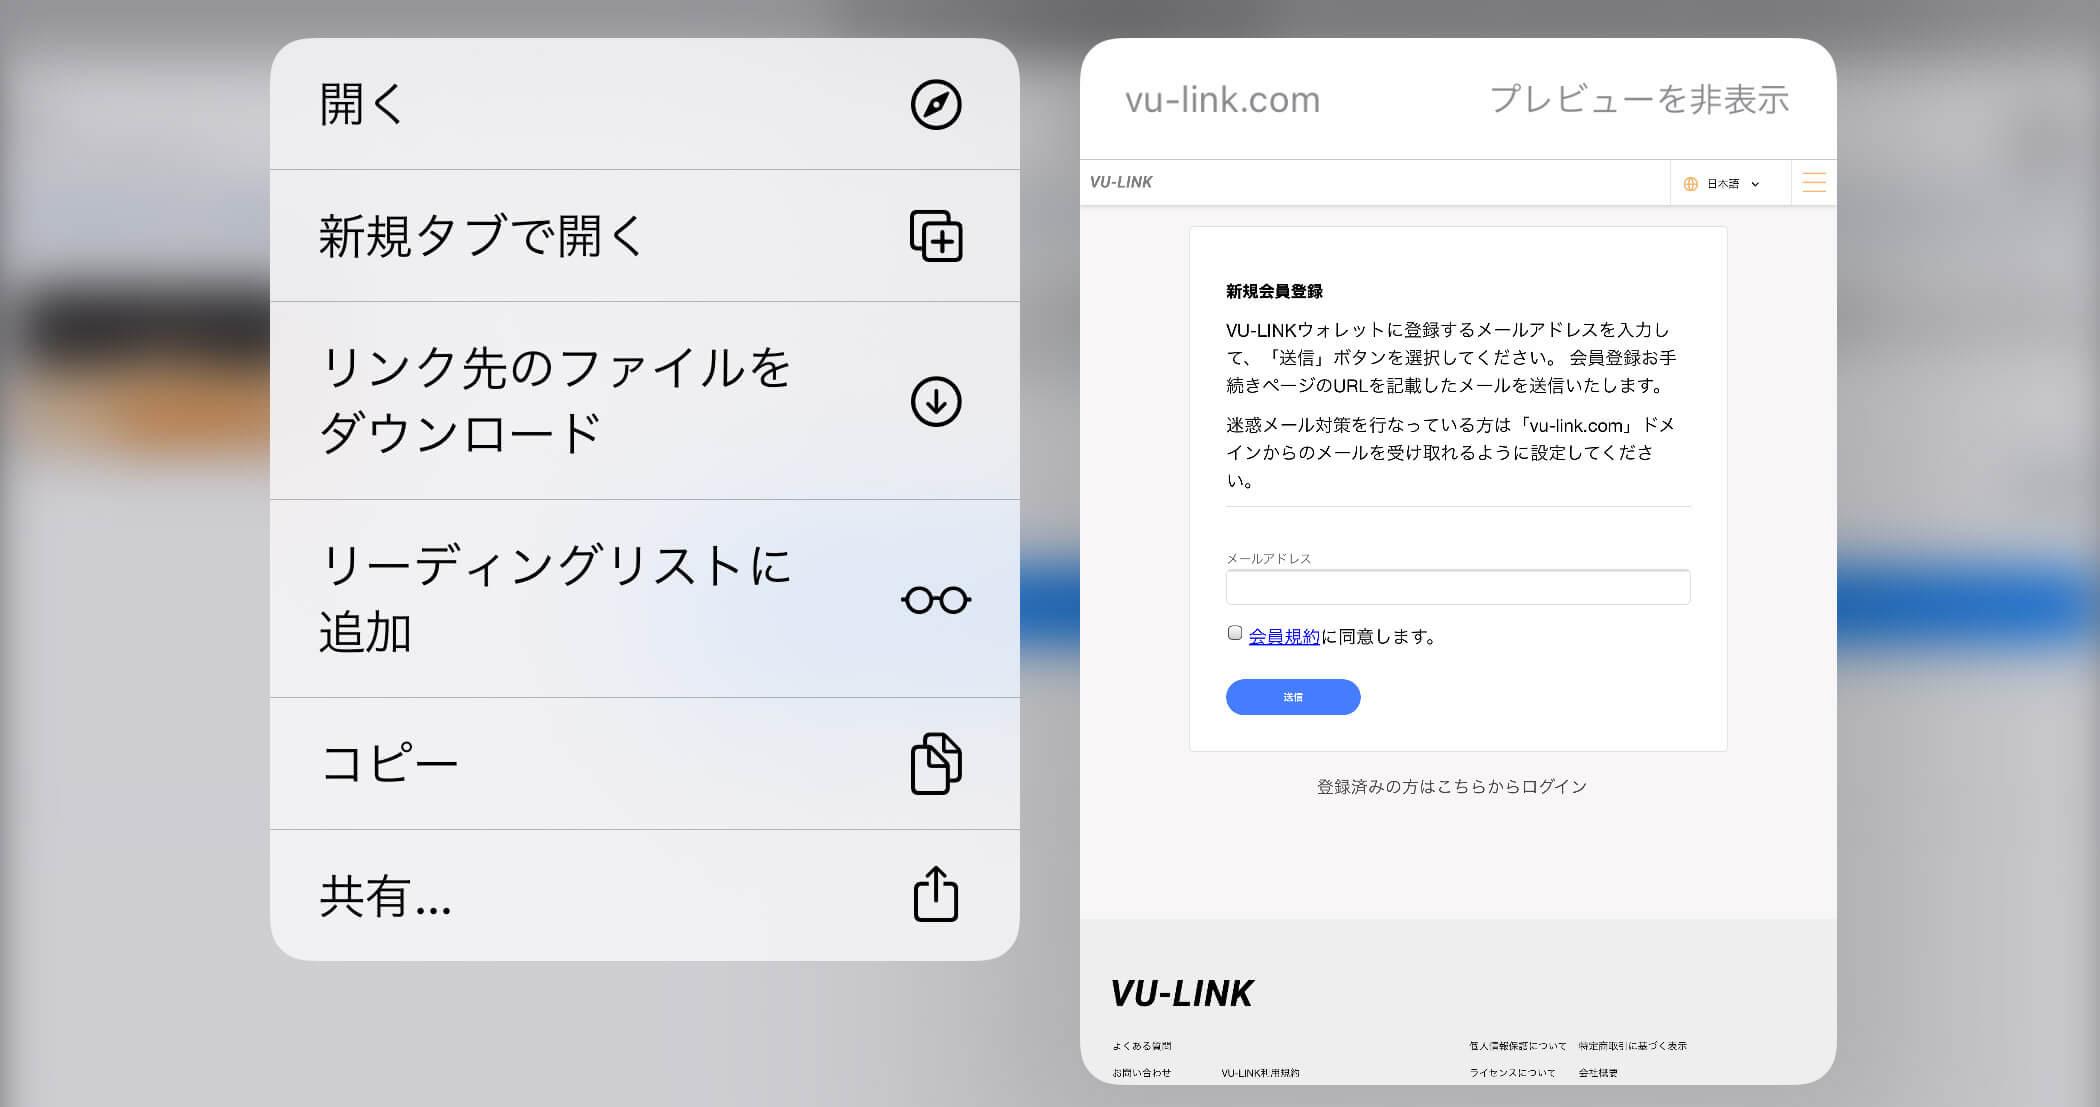 DORA麻雀VU-LINK入金画面